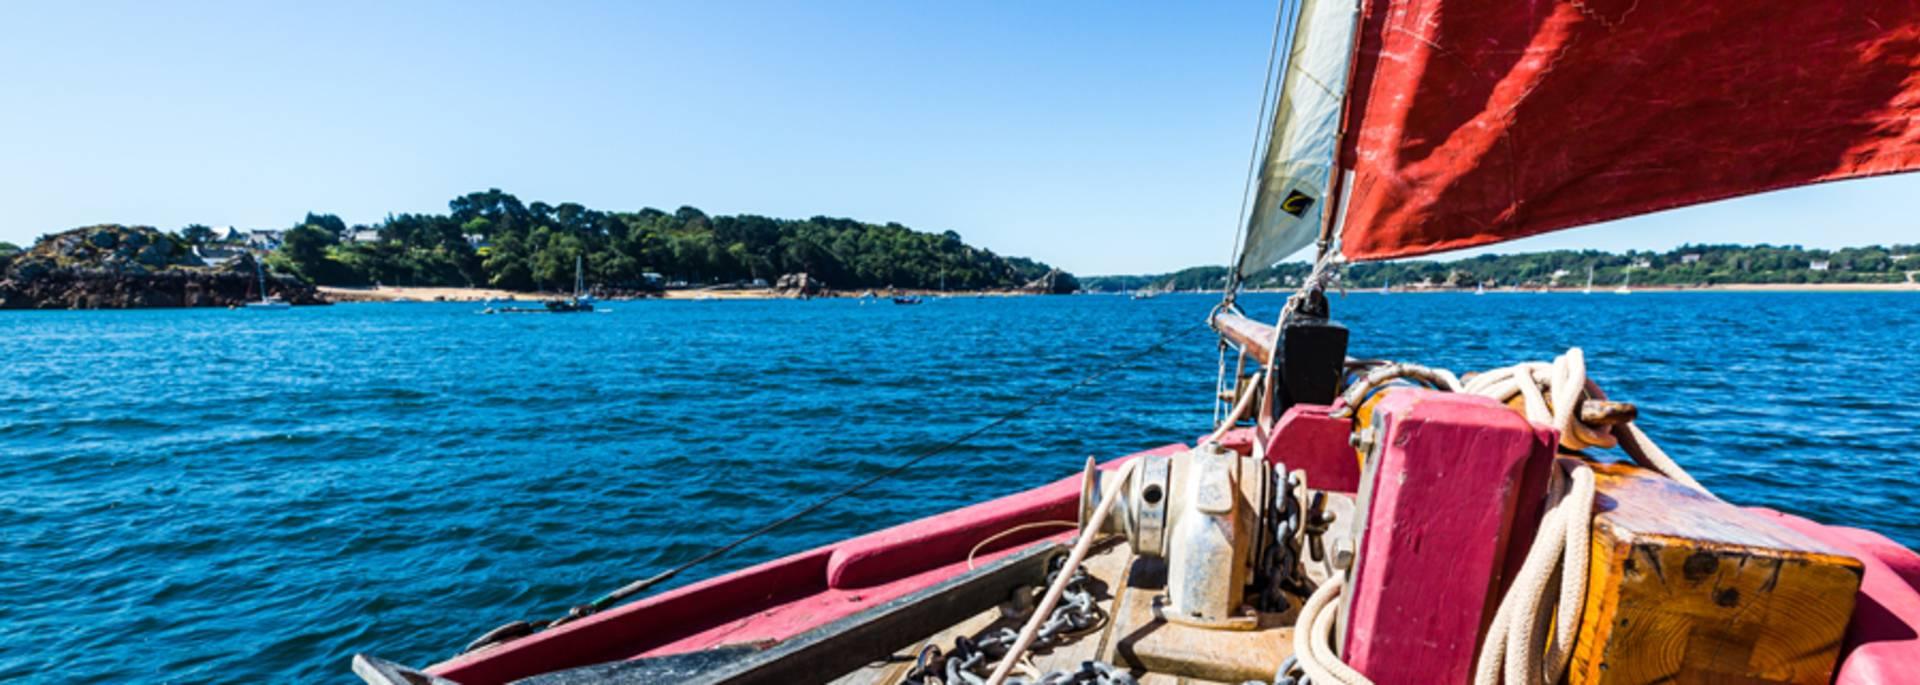 Voilier dans l'archipel de Bréhat ©Cédric Lagrifoul